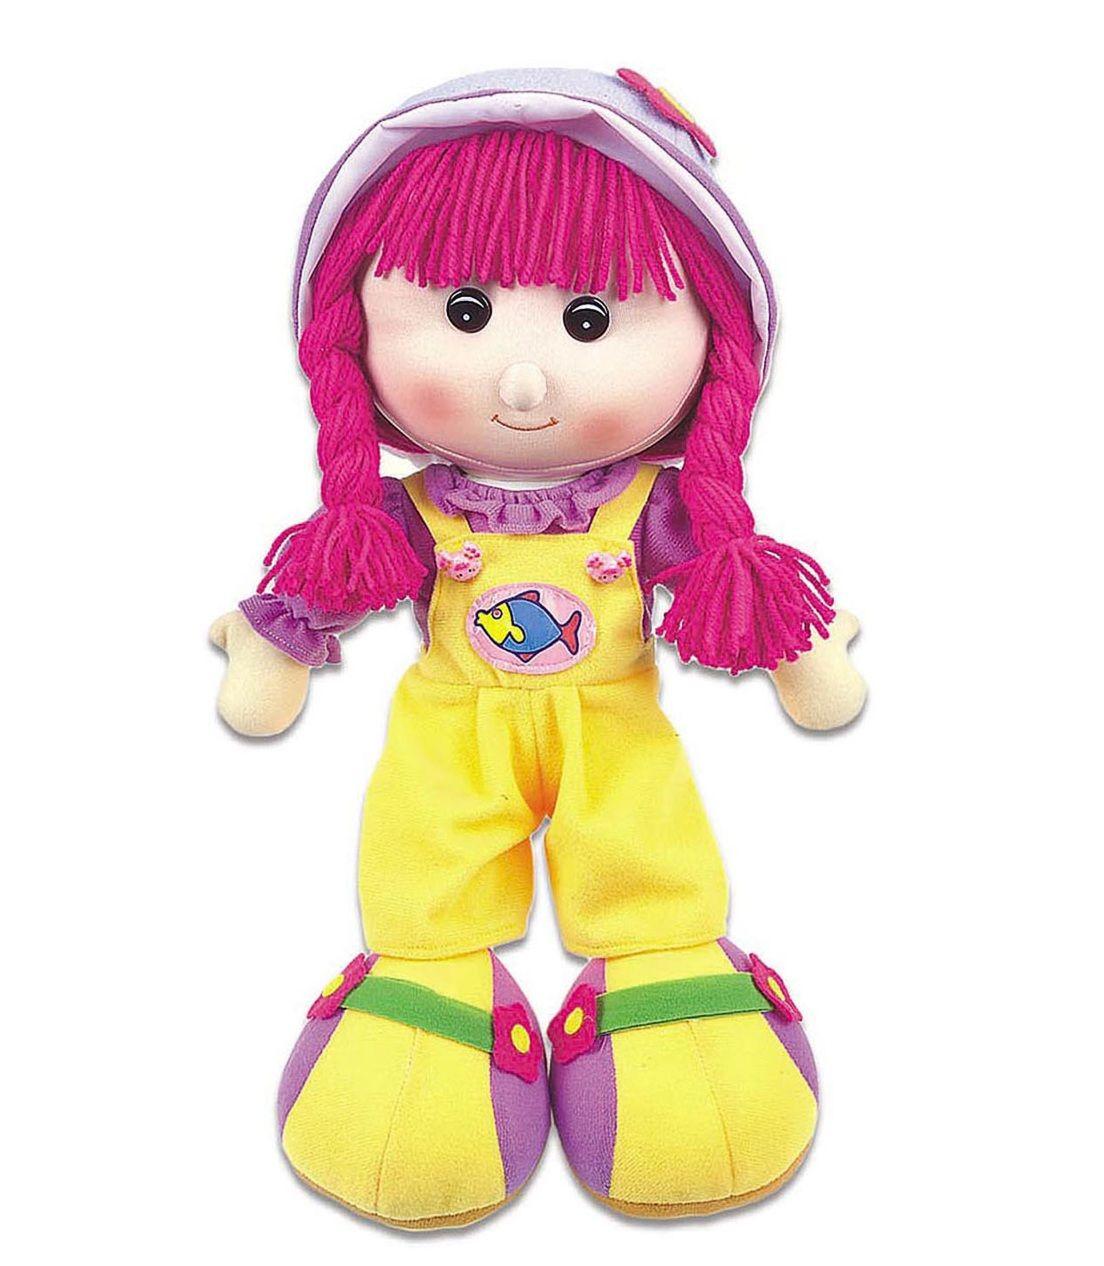 Boneca de Pano Maria Chiquinha Grande Sortidas - Braskit